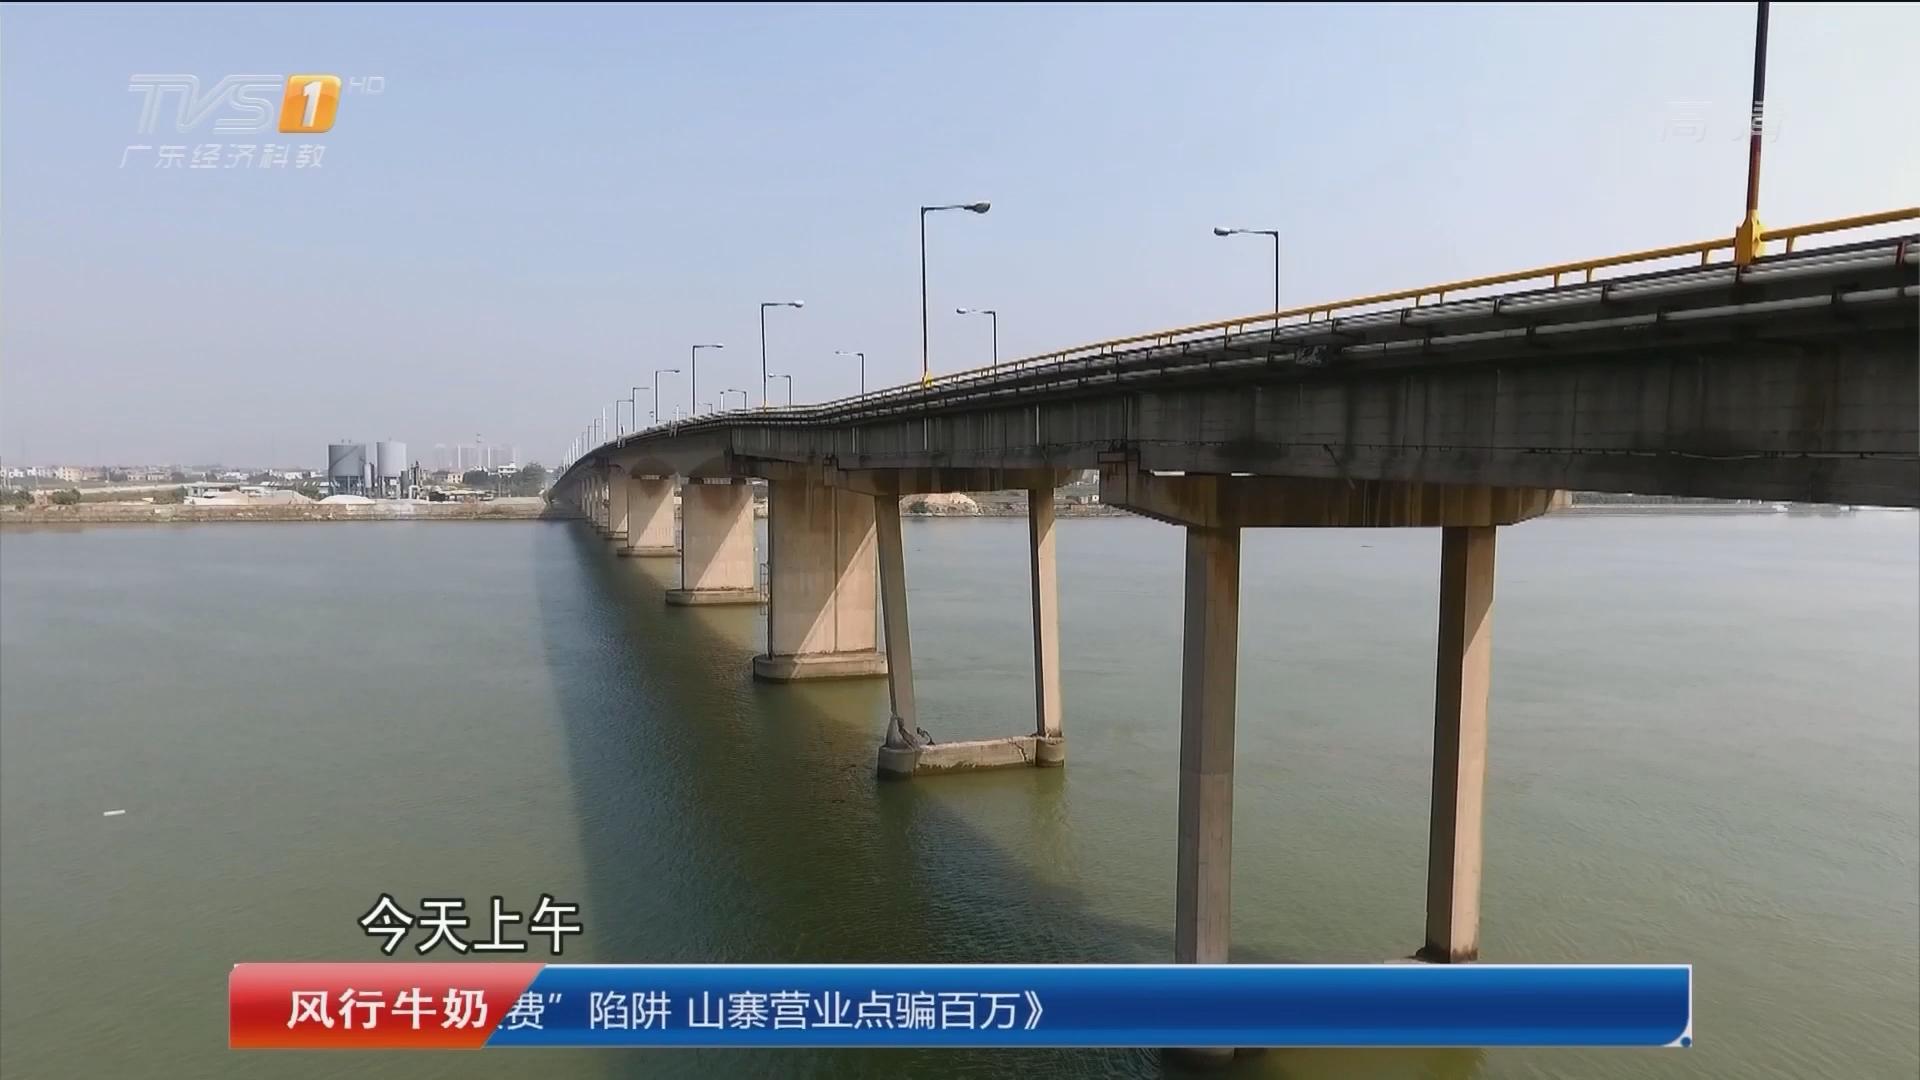 交通:洪奇沥大桥被船撞 广州中山车主受阻